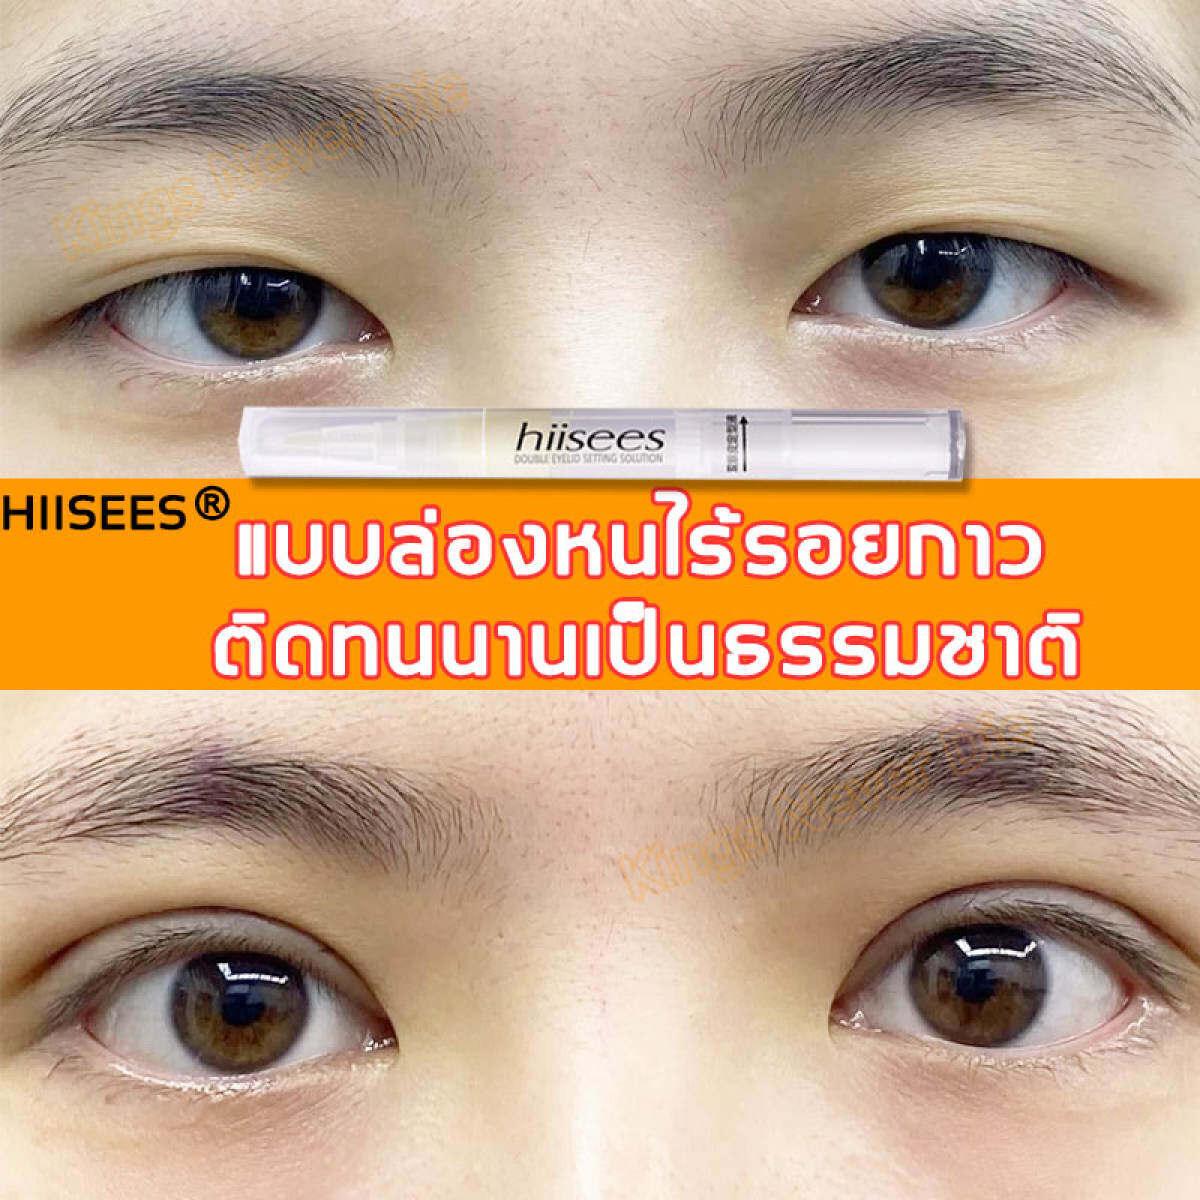 คนขี้เกียจต้องมี Hiisees ครีมทำตาสองชั้น กาวตาสองชั้น กาวติดตาสองชั้น เป็นธรรมชาติ อ่อนโยนไม่ทำลายหนังตา ติดทนนาน กันน้ำ มีตาสองชั้นอย่างง่ายดาย(ตาสองชั้น เทปตาสองชั้น กาวทำตาสองชั้น ครีมบิ๊กอาย ครีมเจล ปากกาทำตาสองชั้น ทำตาสองชั้น ).